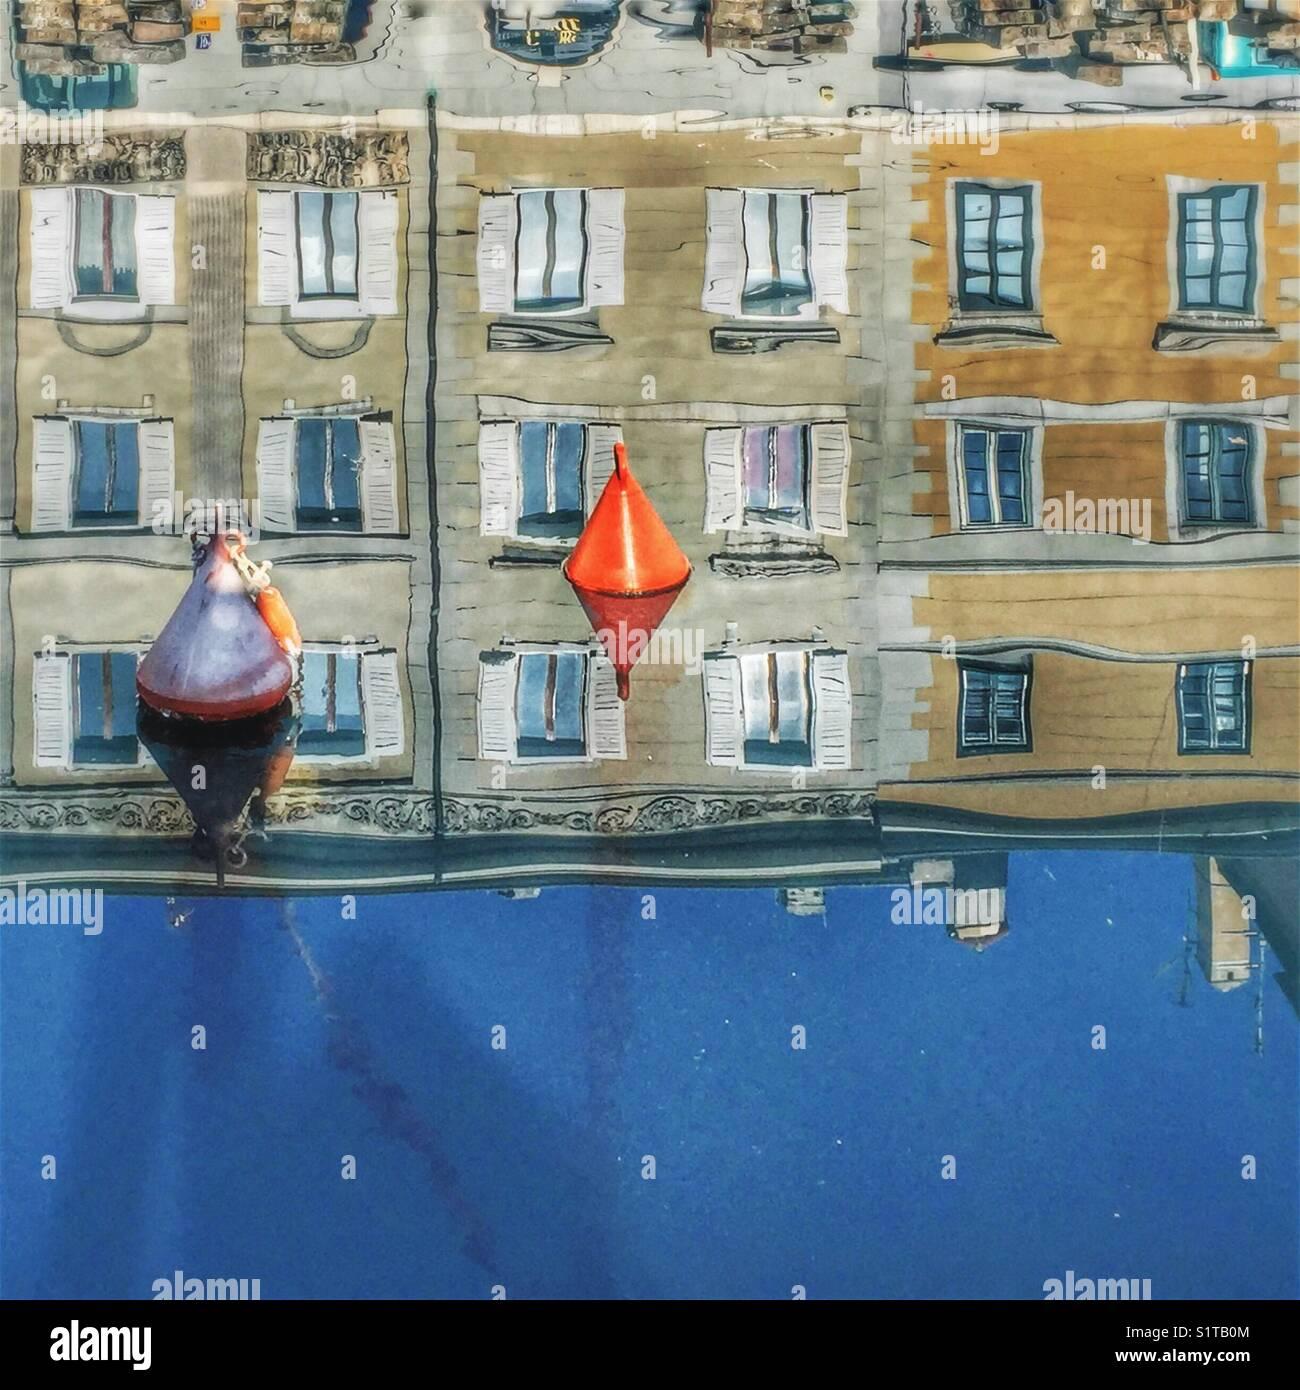 Réflexions de maisons dans l'eau - canal Grande, Trieste, Italie Photo Stock